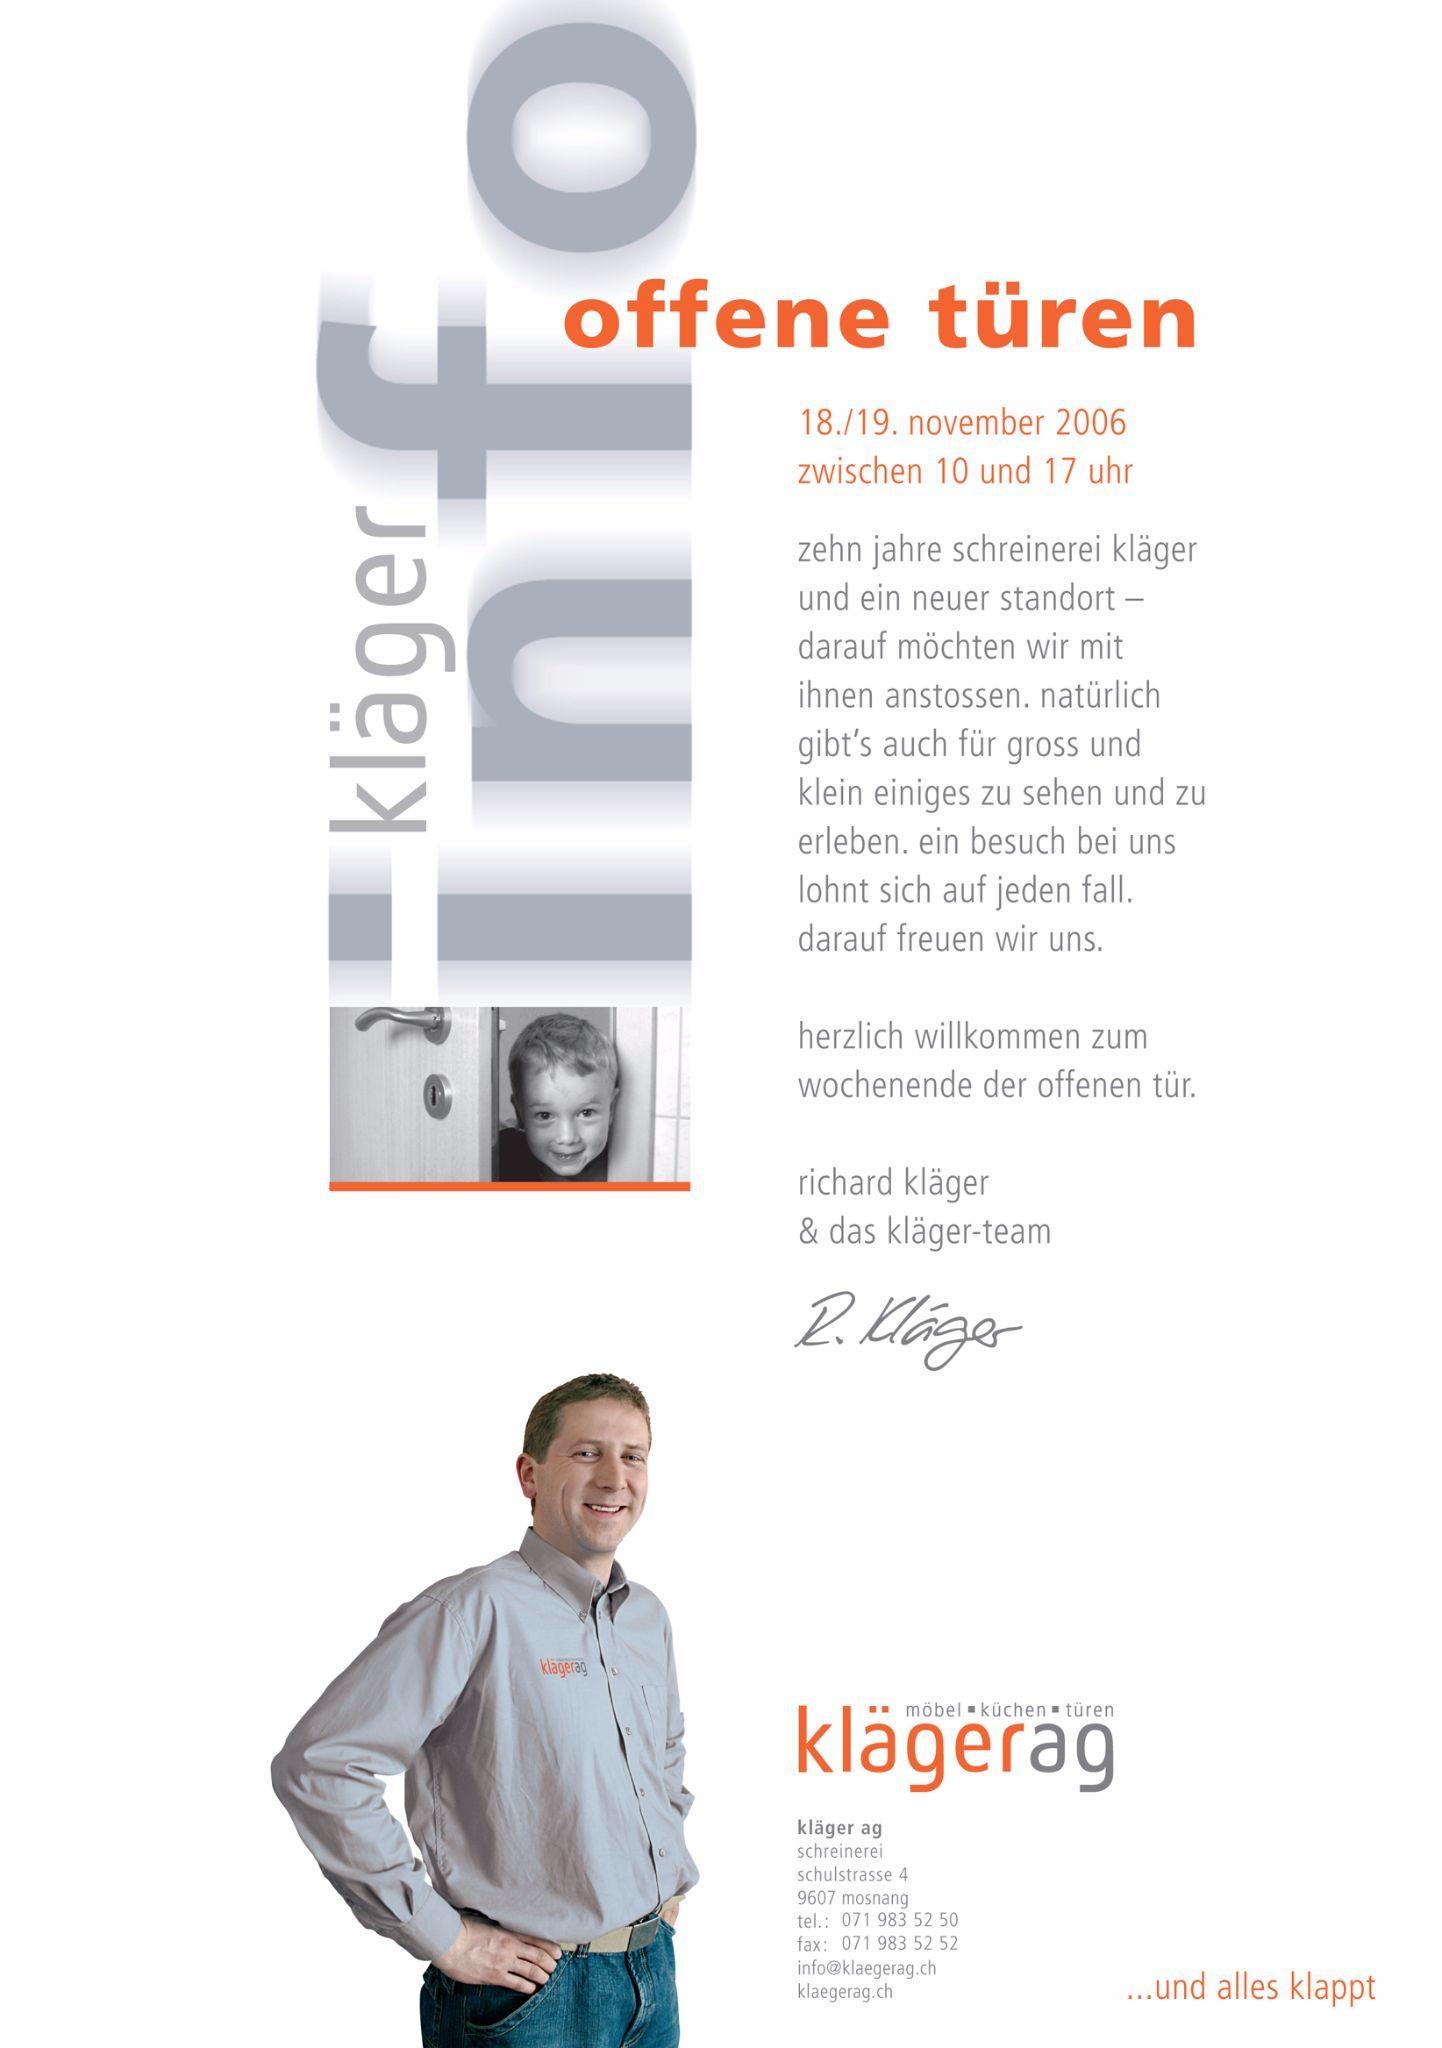 offenetueren-20061101